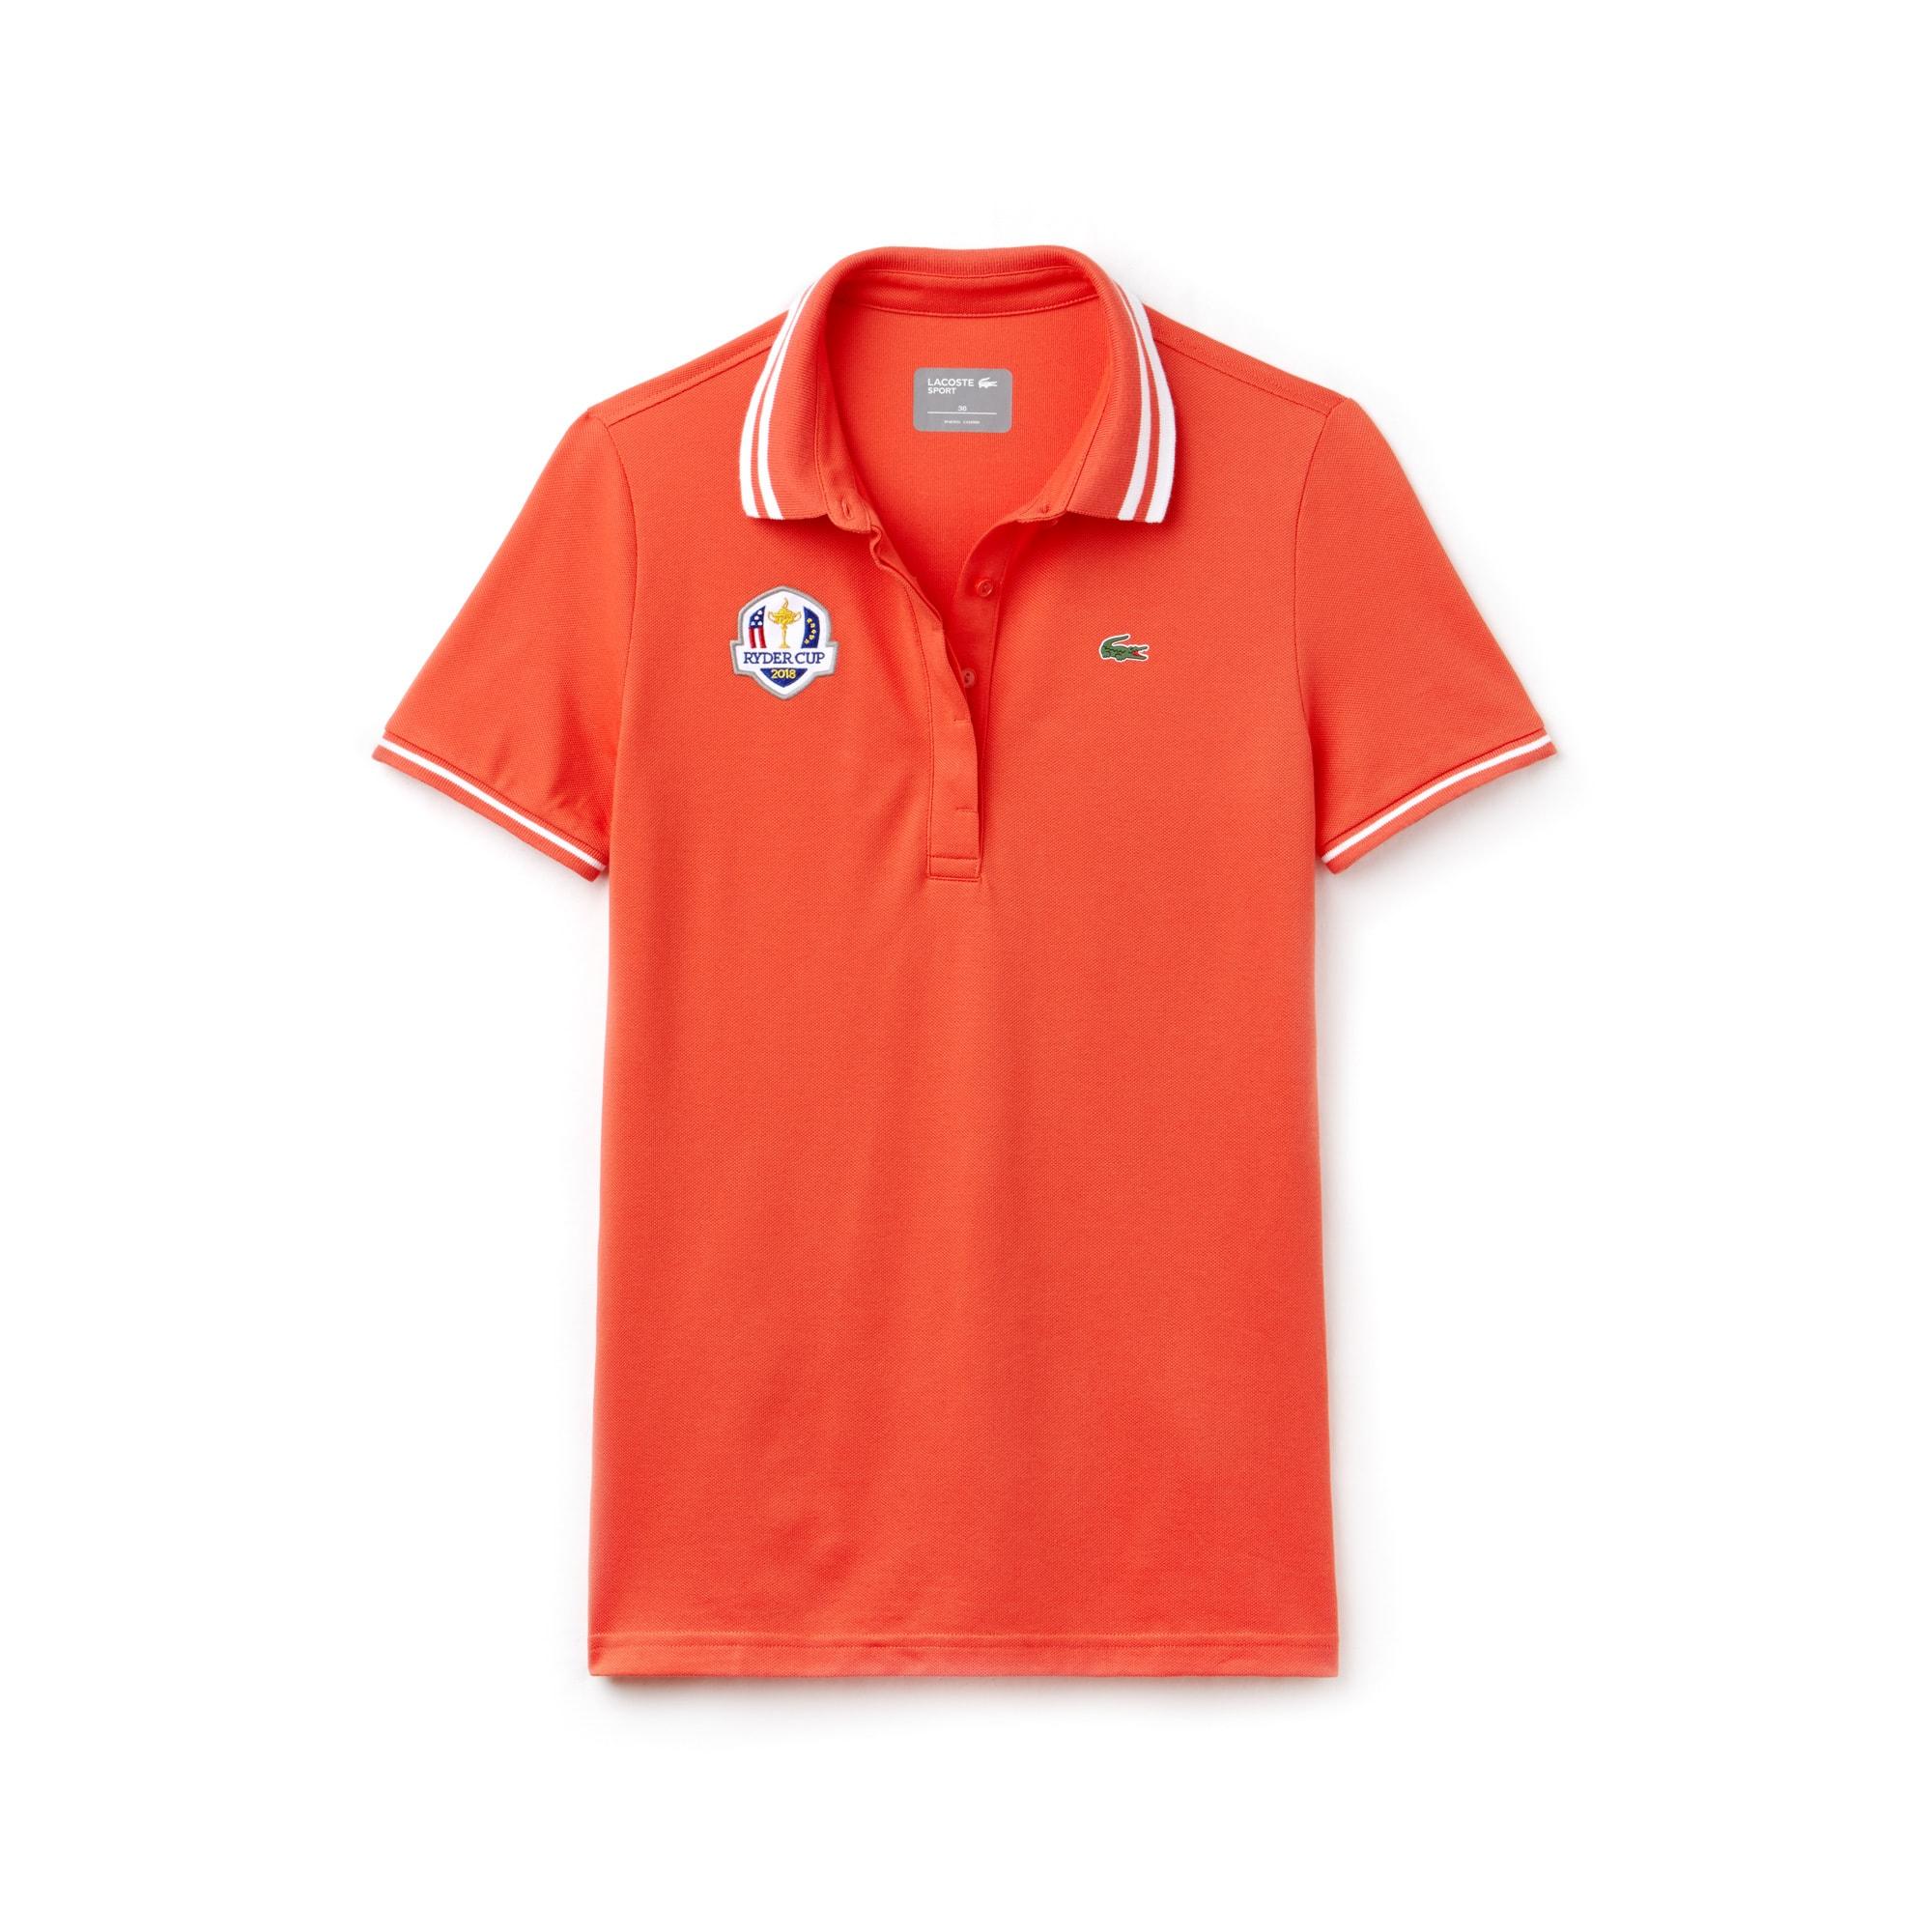 Damen LACOSTE SPORT Ryder Cup Edition Golf Poloshirt